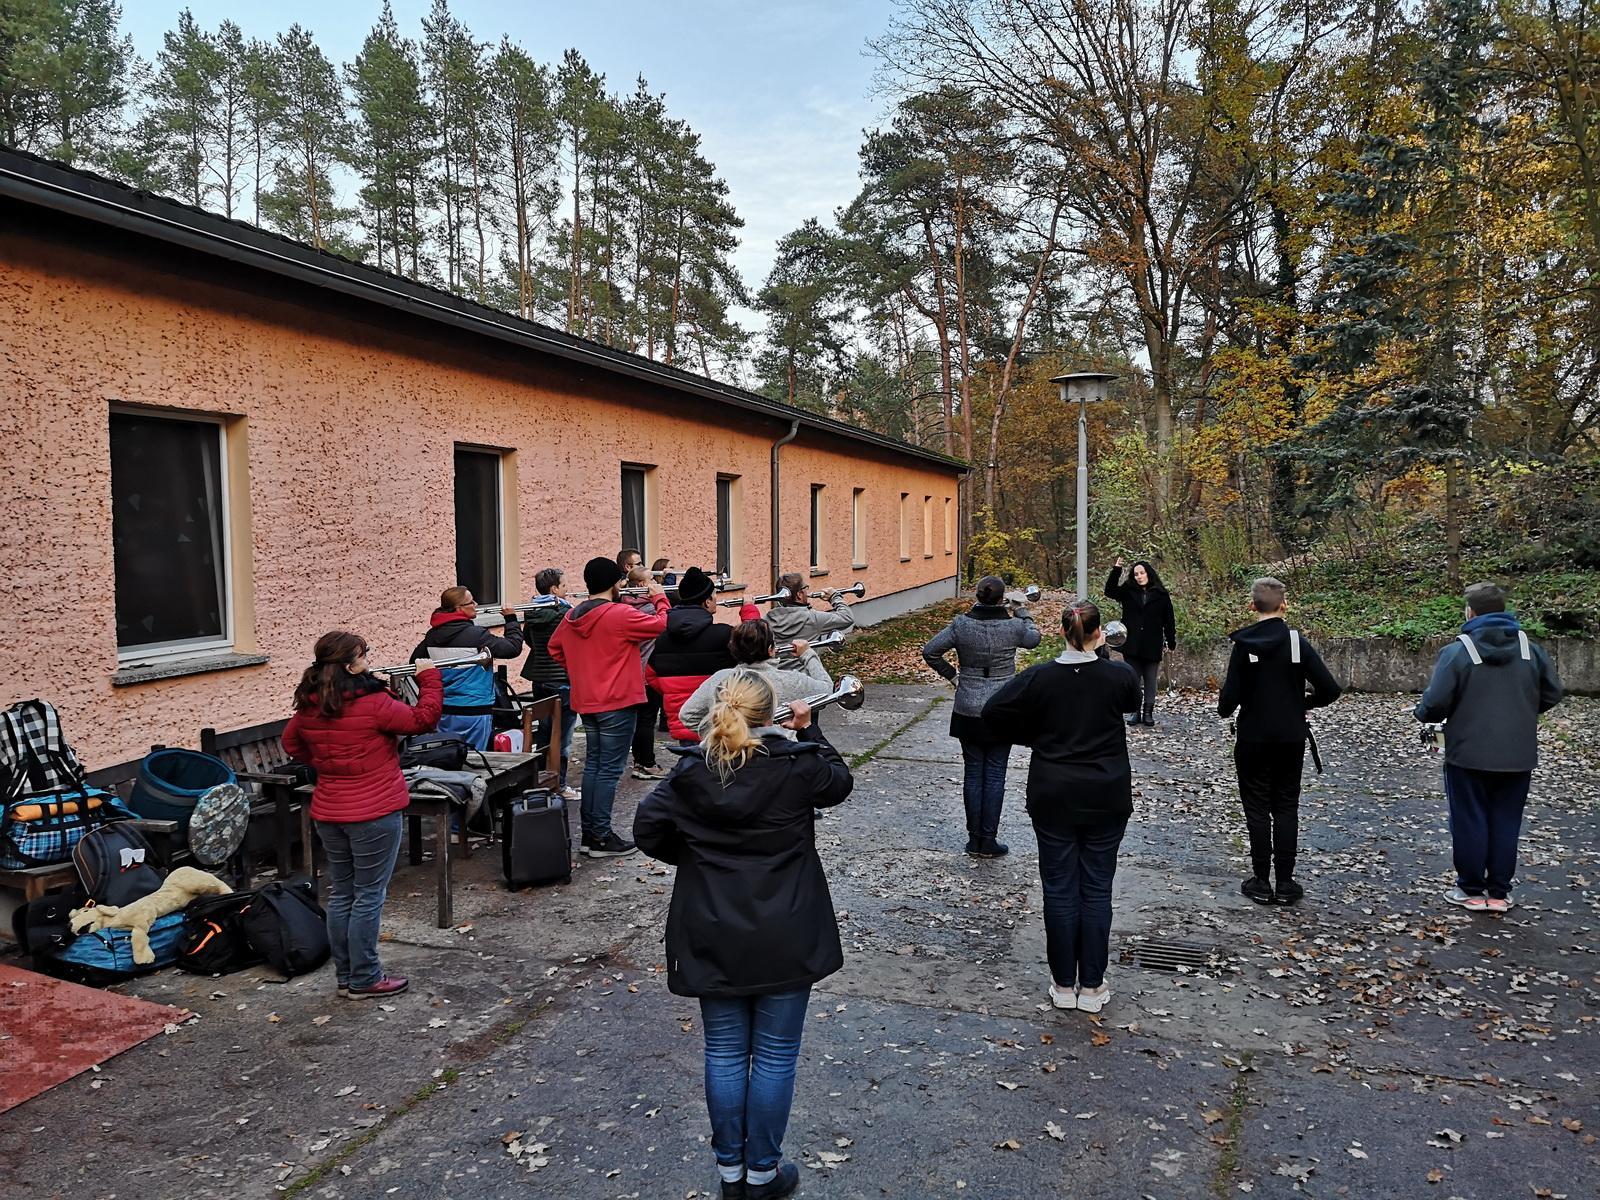 Foto der Galerie: 17.11.2019 - Fortbildungswochenende im CVJM Camp Storkow